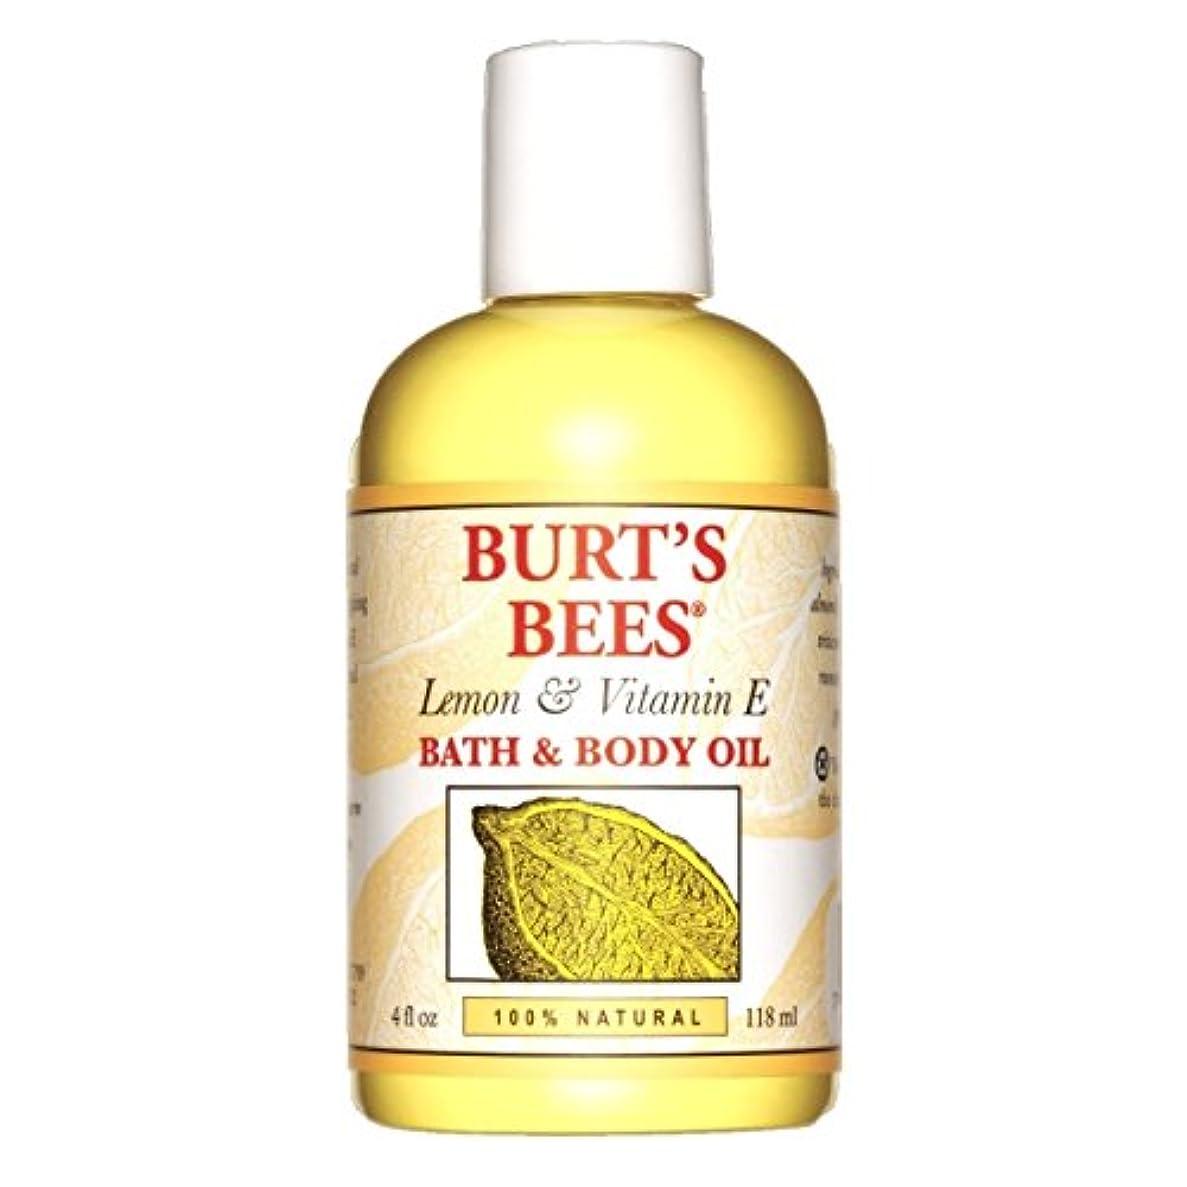 希少性メンタリティピケバーツビーズ(Burt's Bees) レモン&ビタミンE バスアンドボディオイル 118ml [海外直送品][並行輸入品]